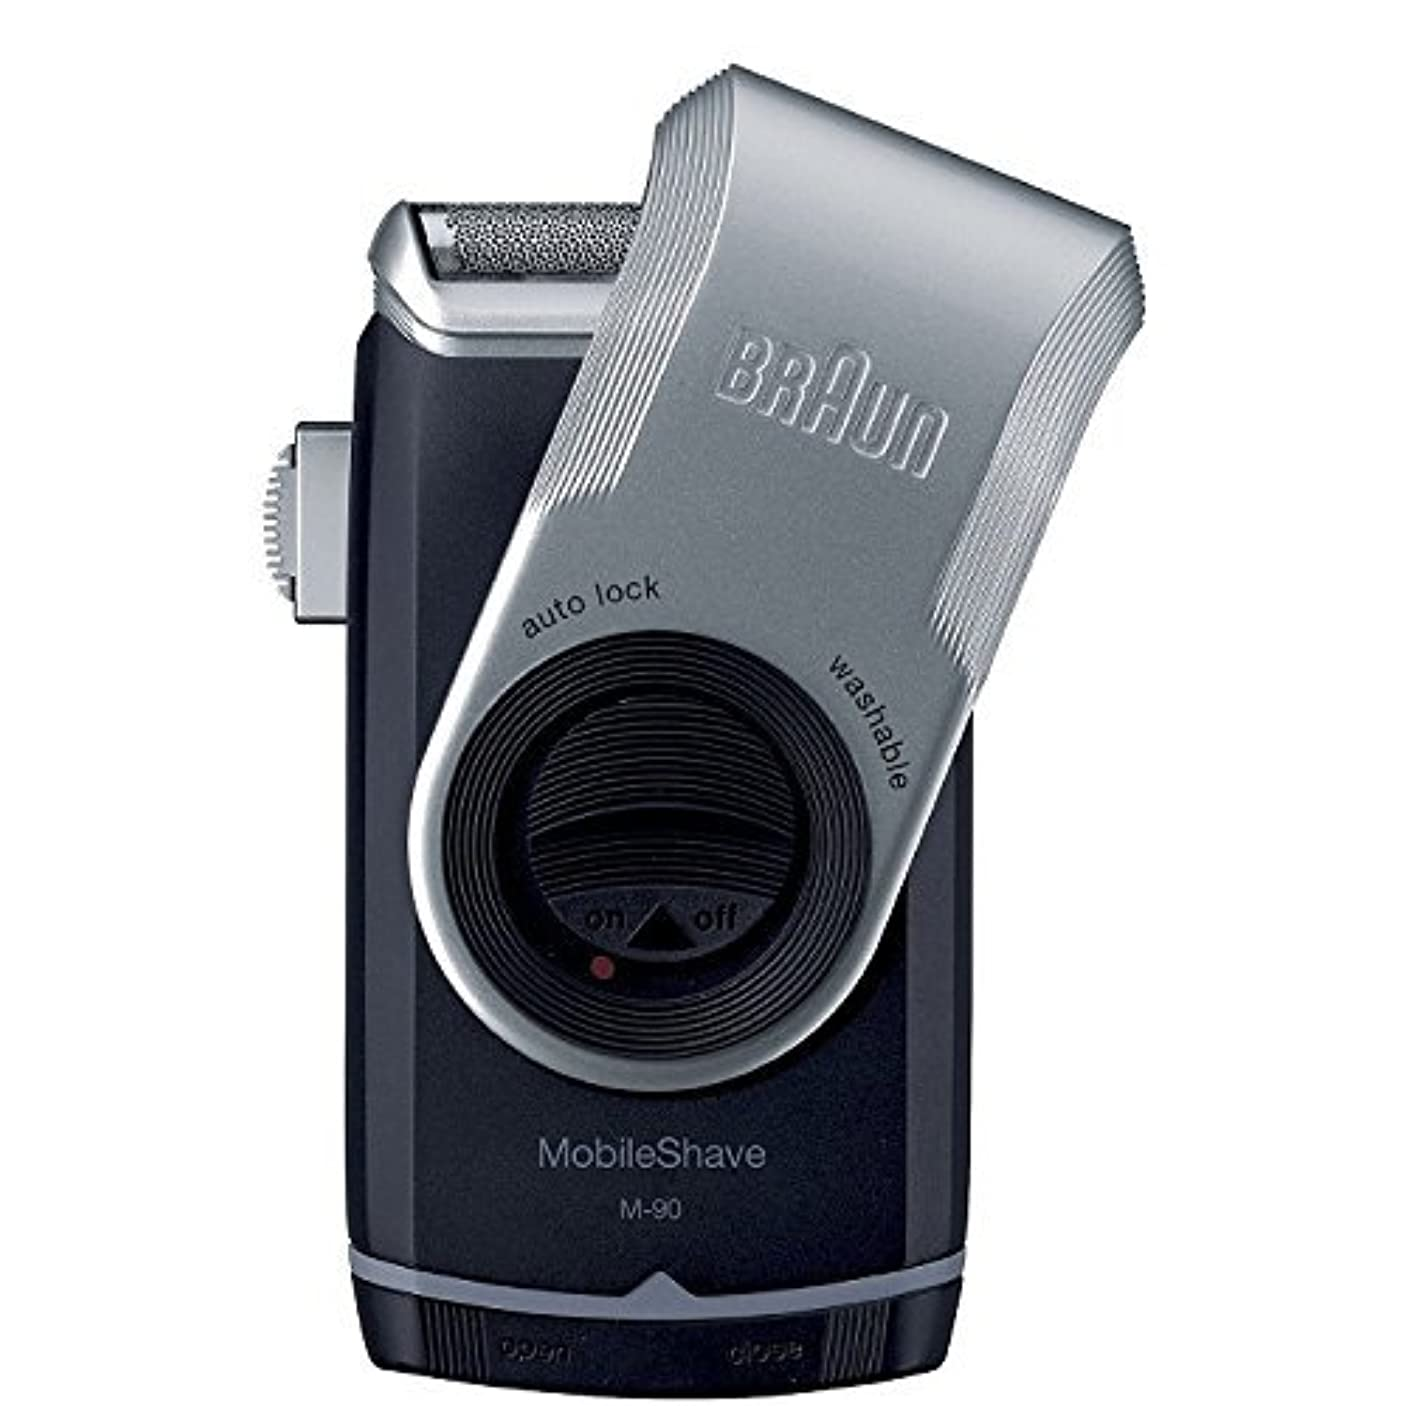 衣装推定混合Braun M90 Pocketgo Mobileshave スマートホイルでポータブルシェーバー [並行輸入品]